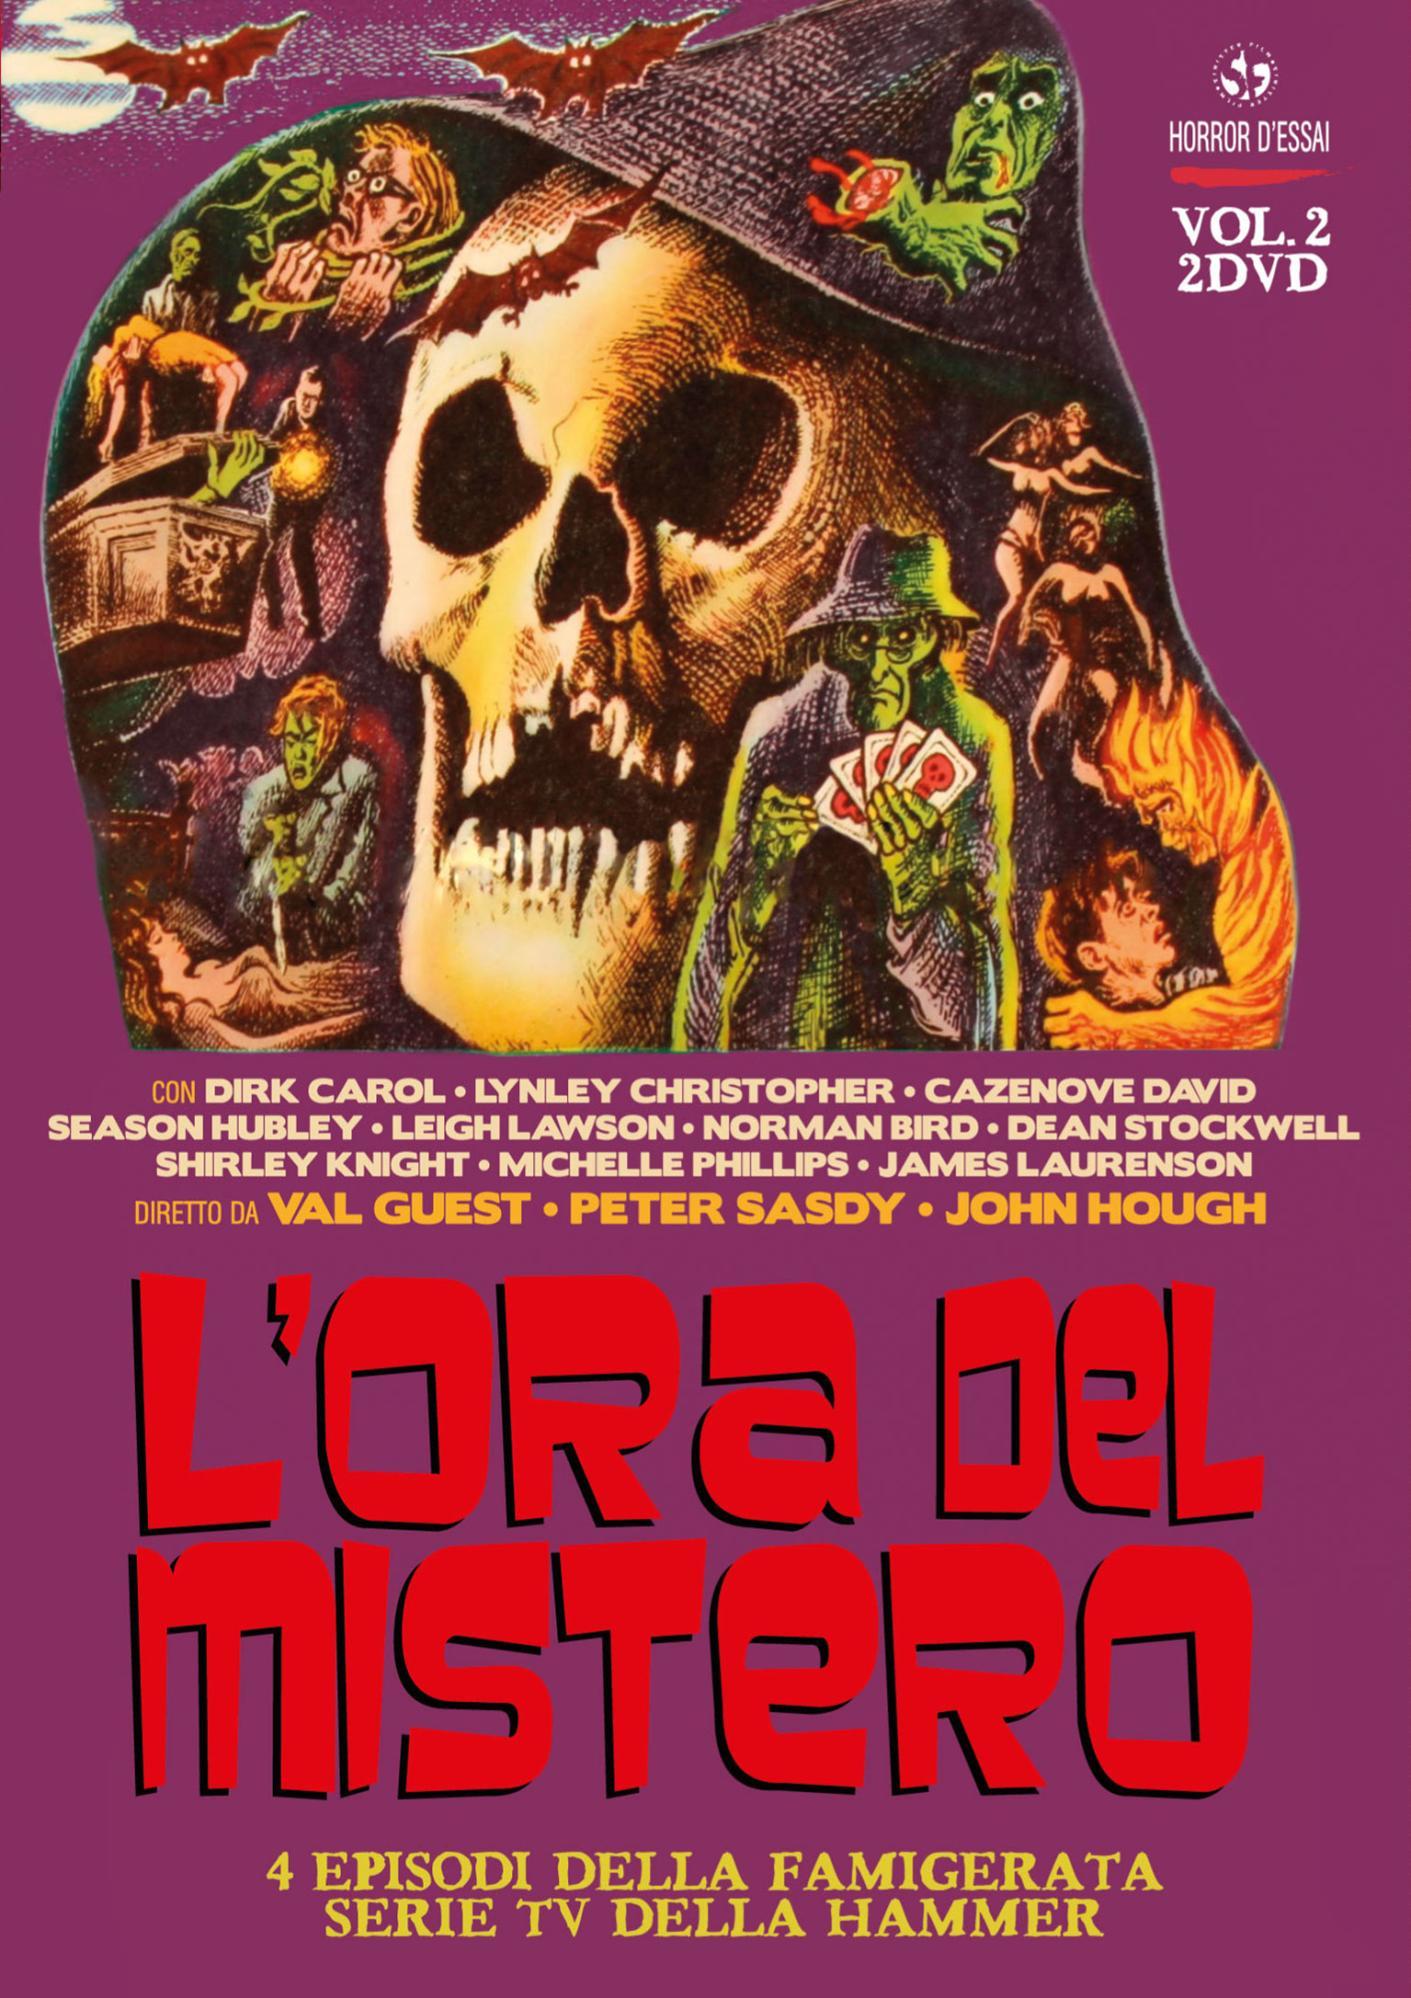 COF.L'ORA DEL MISTERO #02 (2 DVD) (DVD)